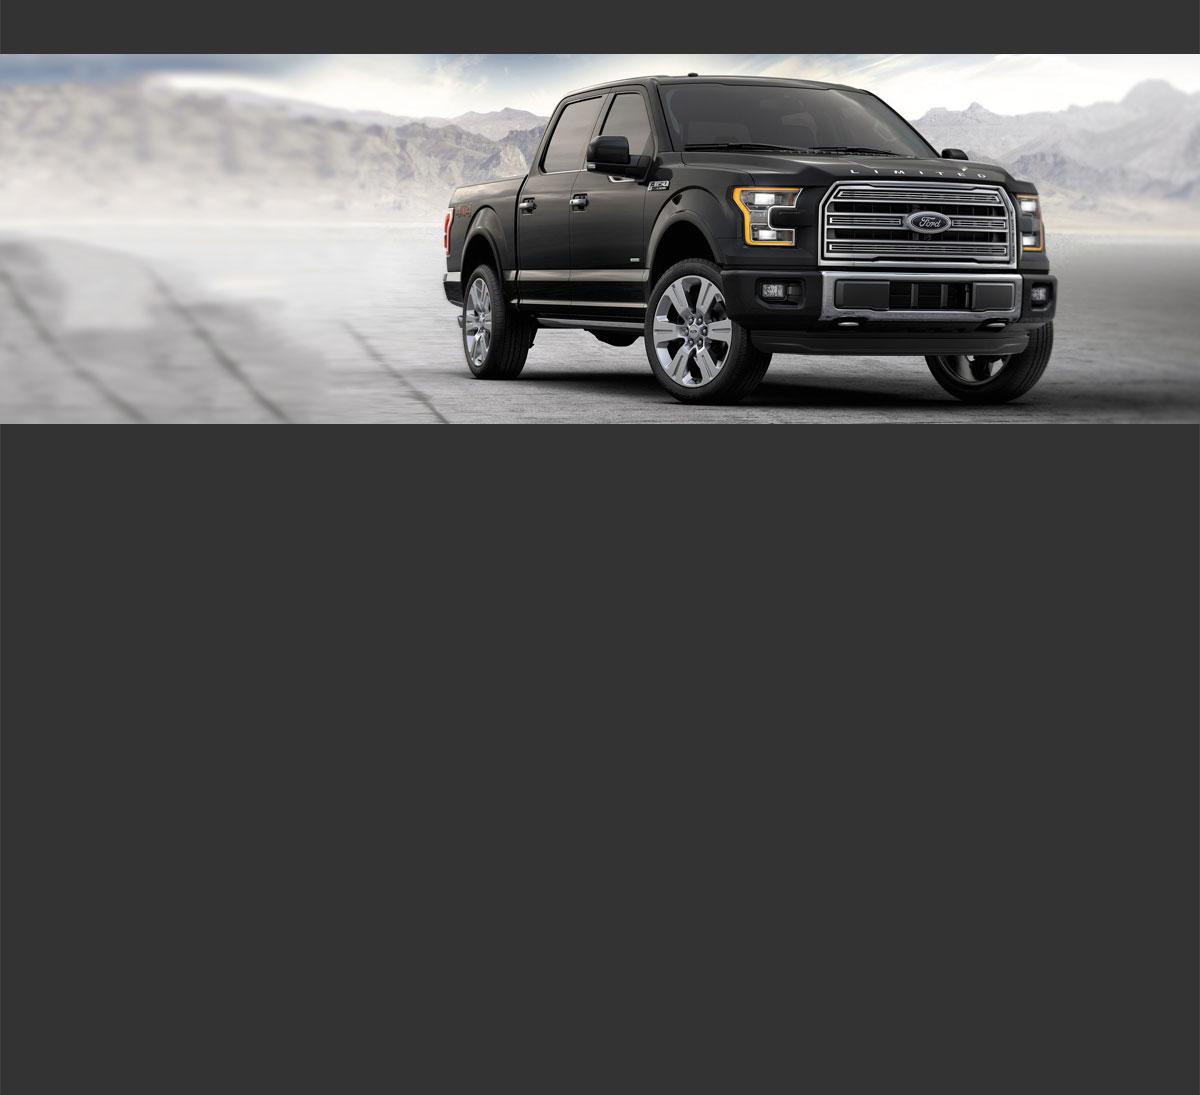 Chrysler Used Cars Pickup Trucks For Sale Zeeland Ageless Autos